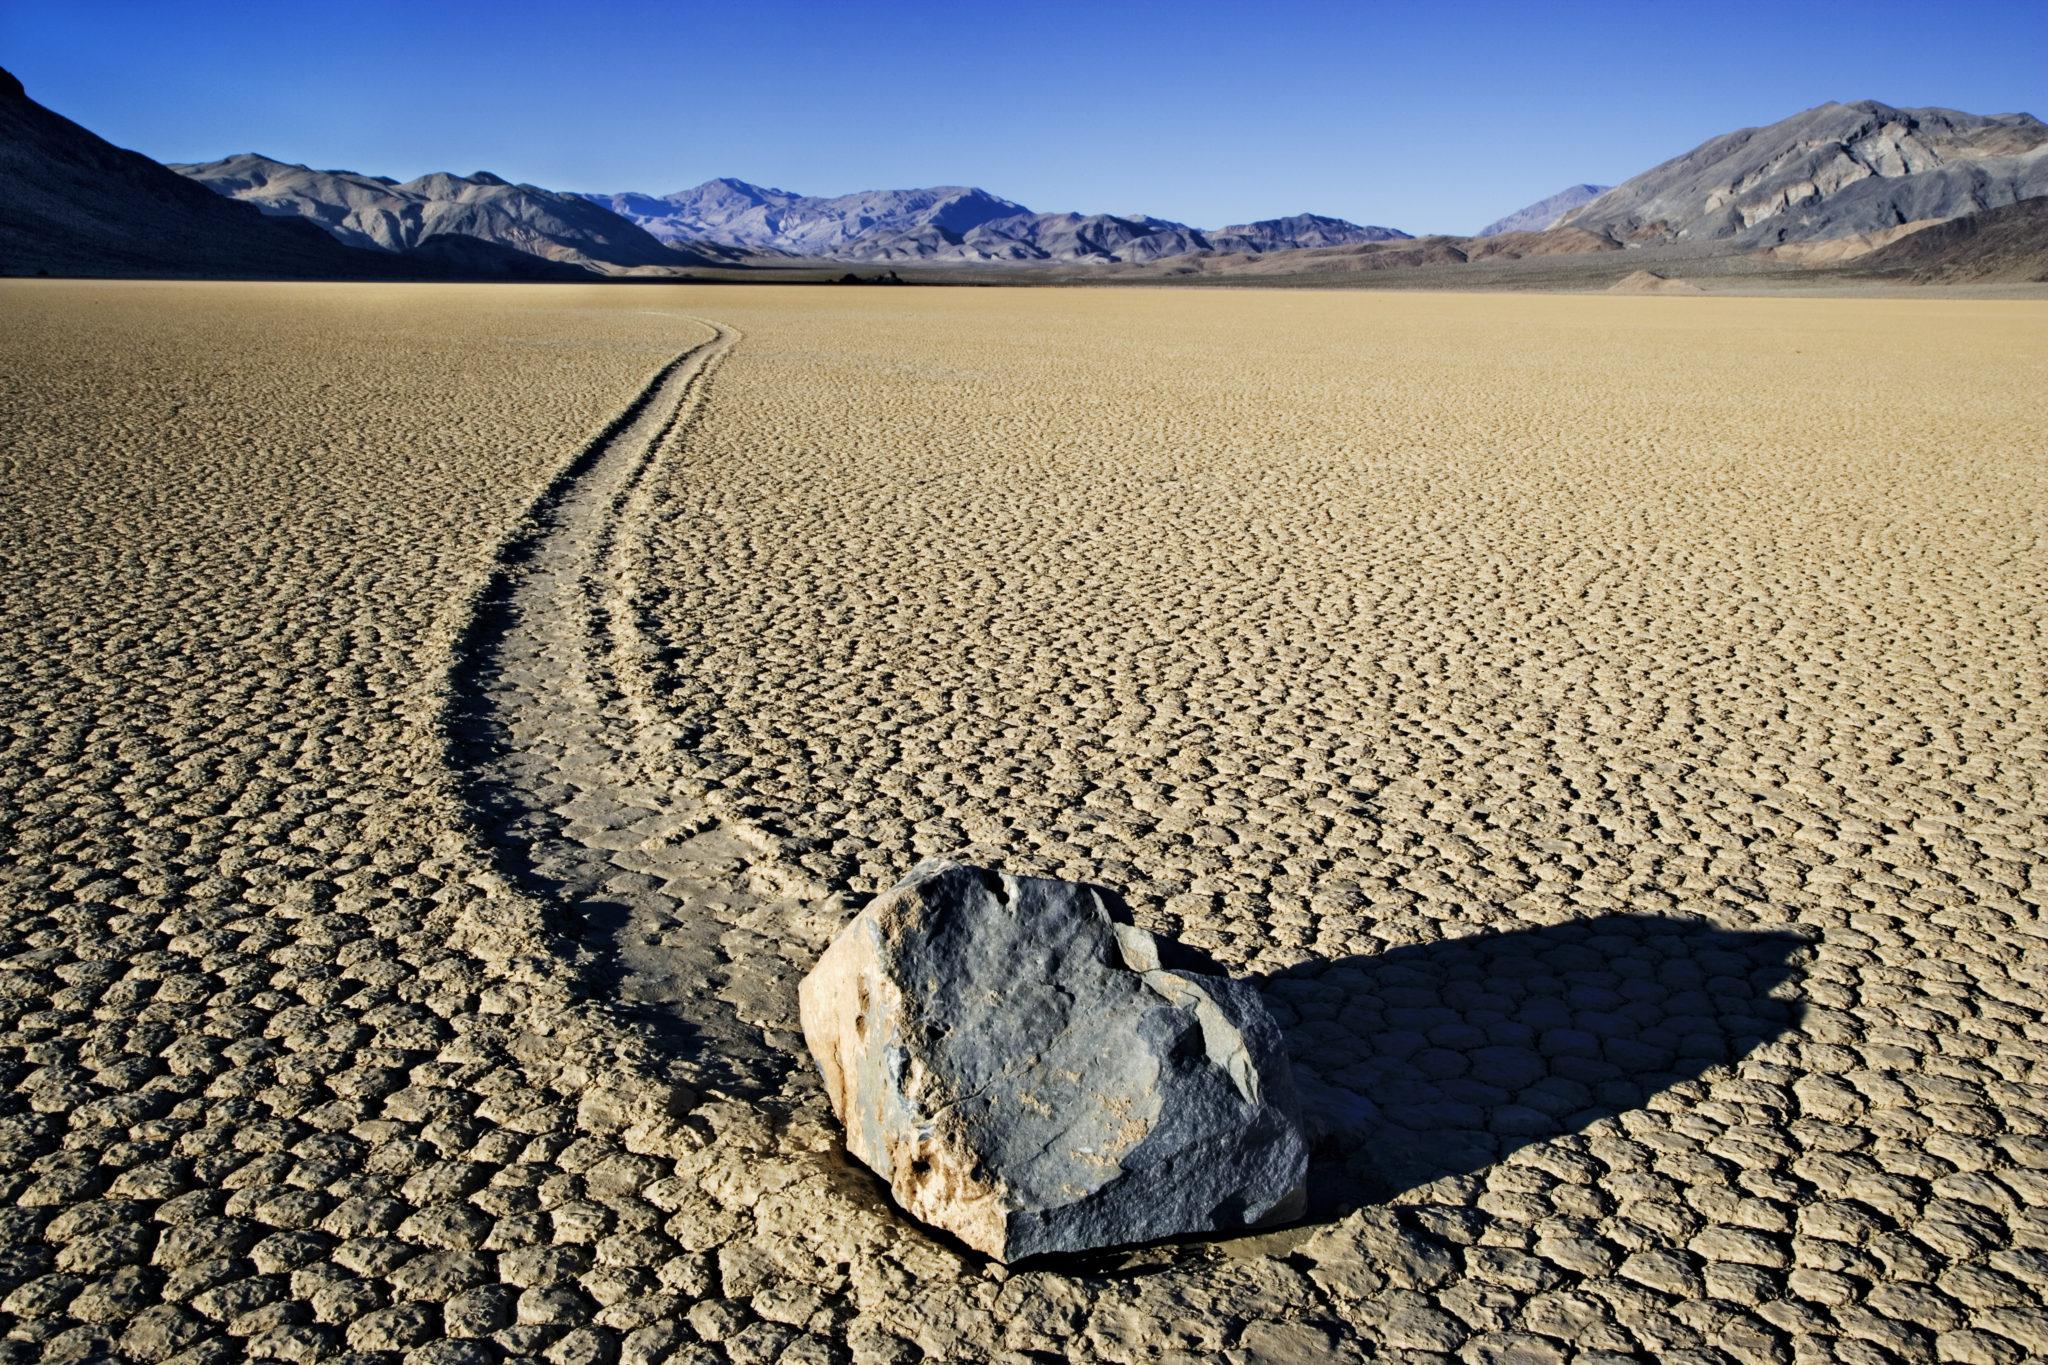 wędrujące kamienie dolina śmierci USA